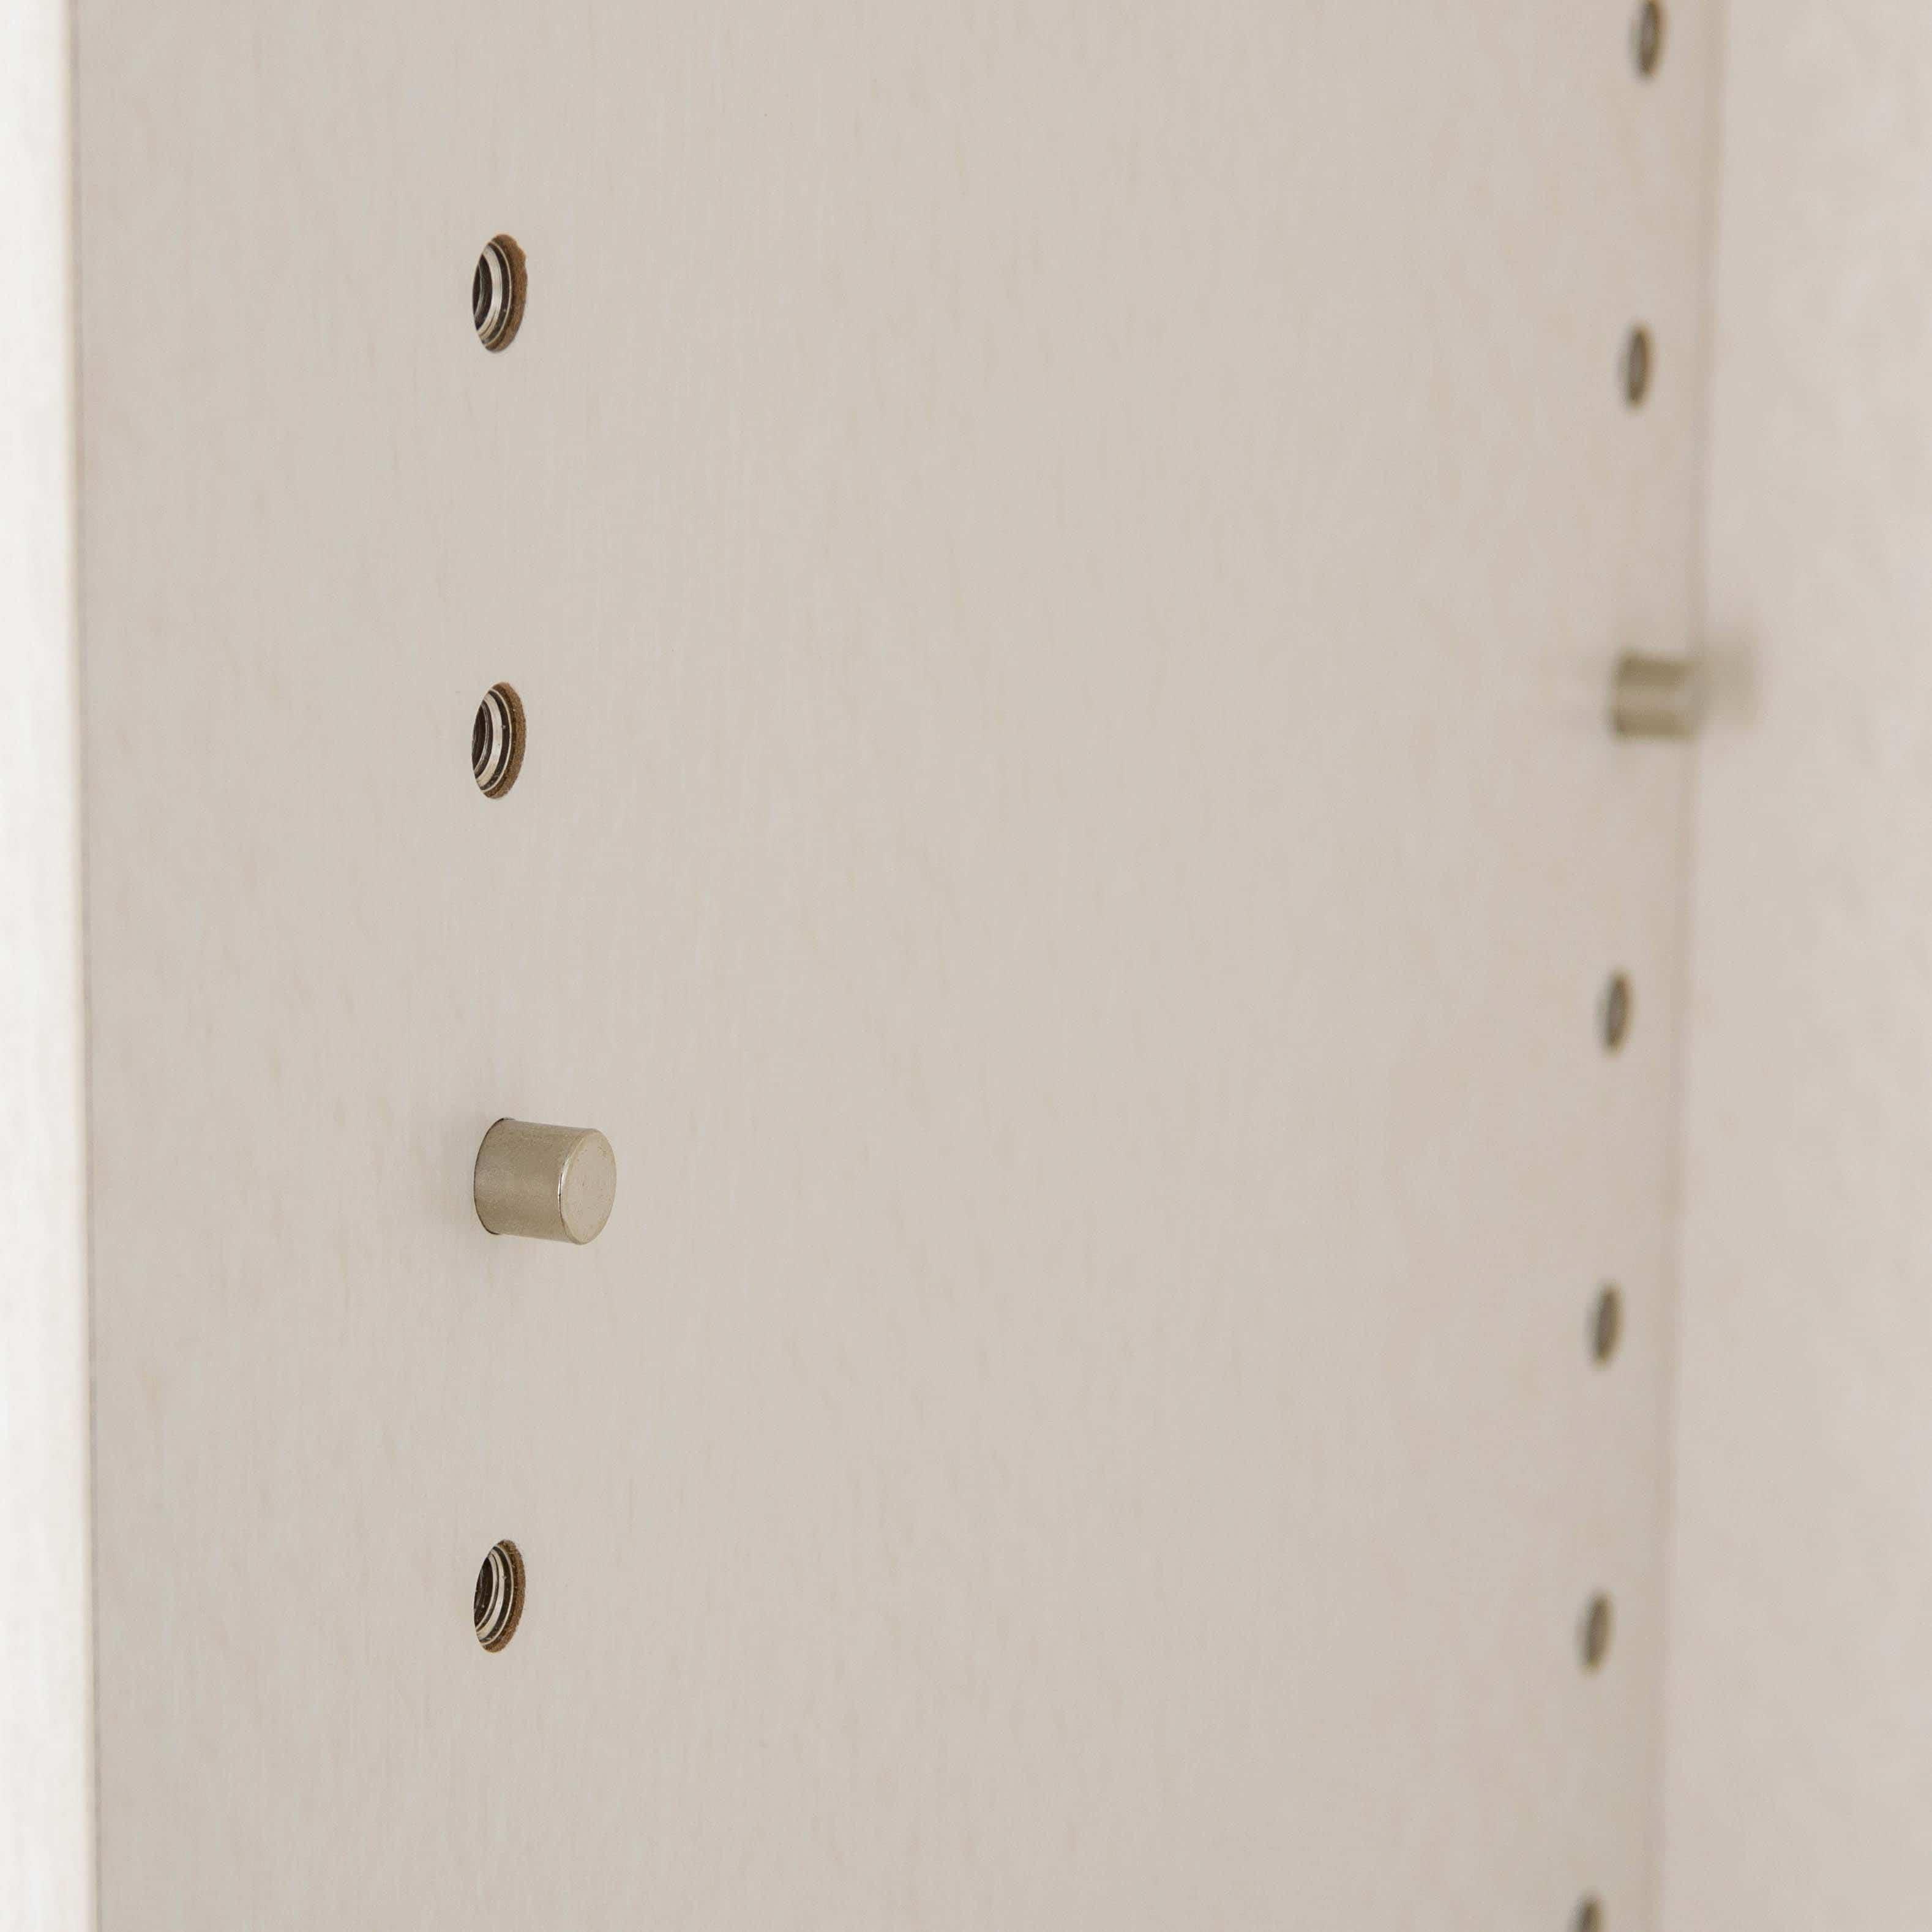 小島工芸 書棚 アコード75L(チェリーナチュラル):キレイに収まる魅せる収納